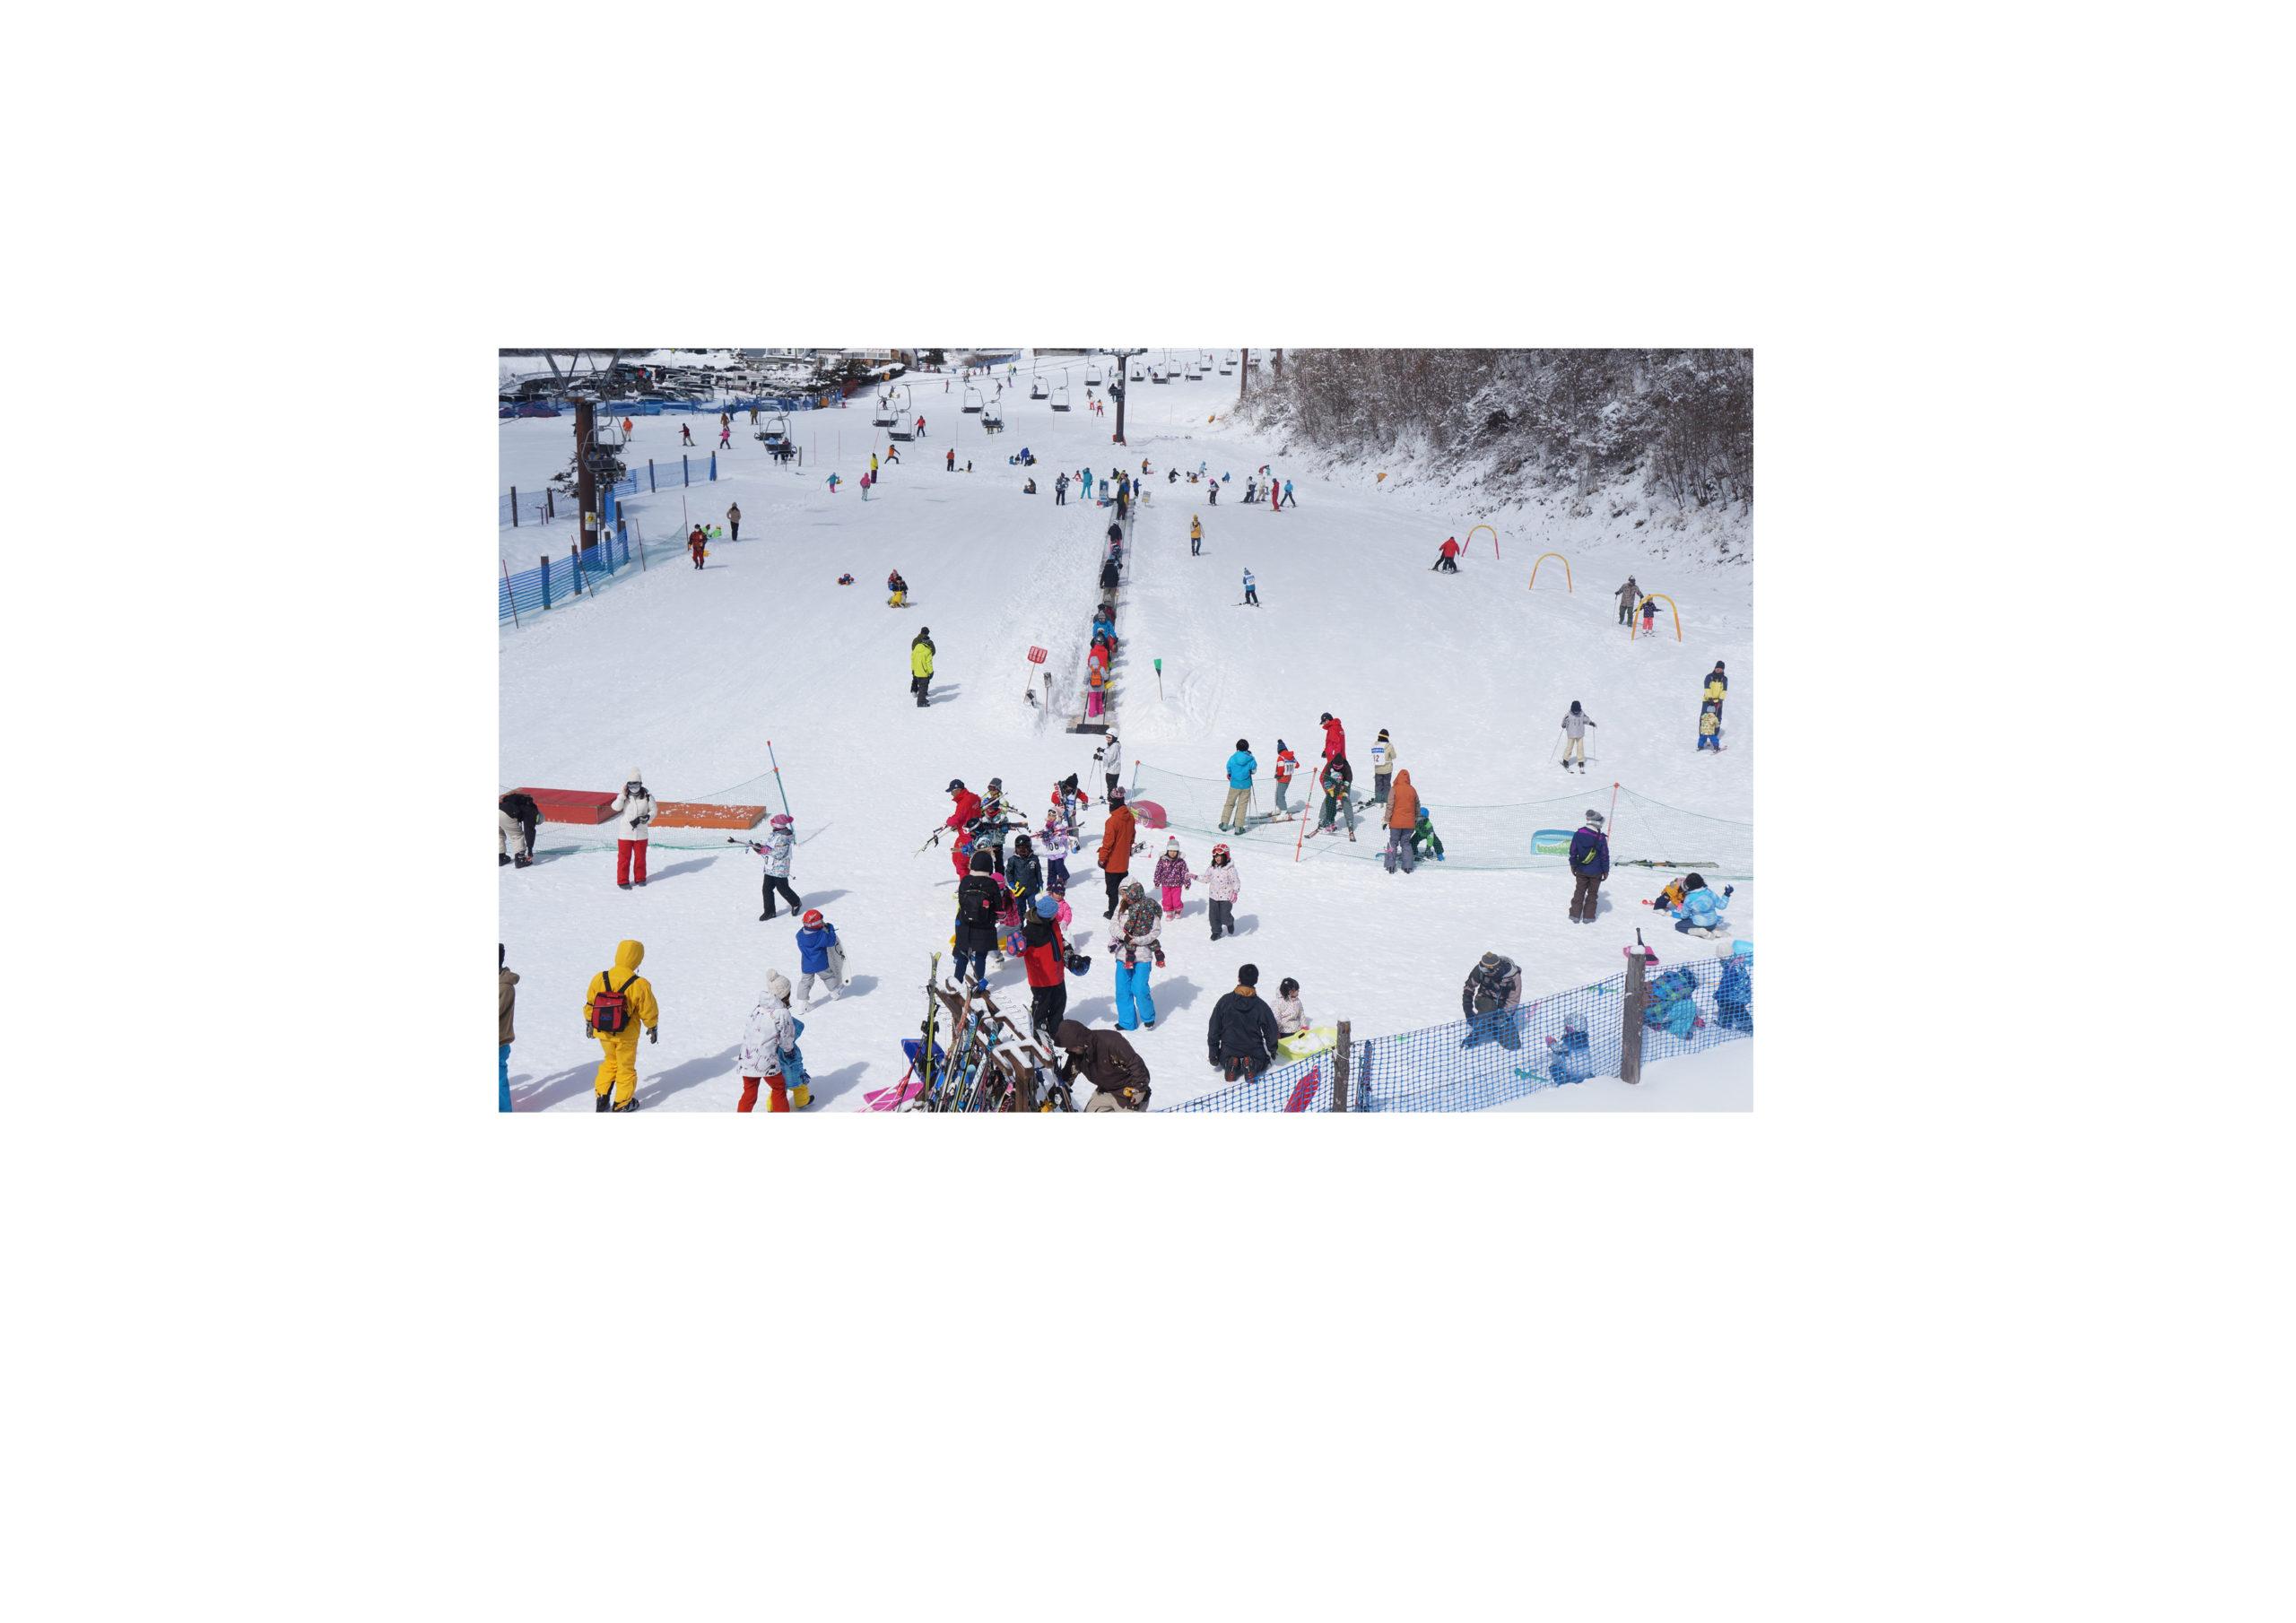 福島 天気 木曽 スキー 場